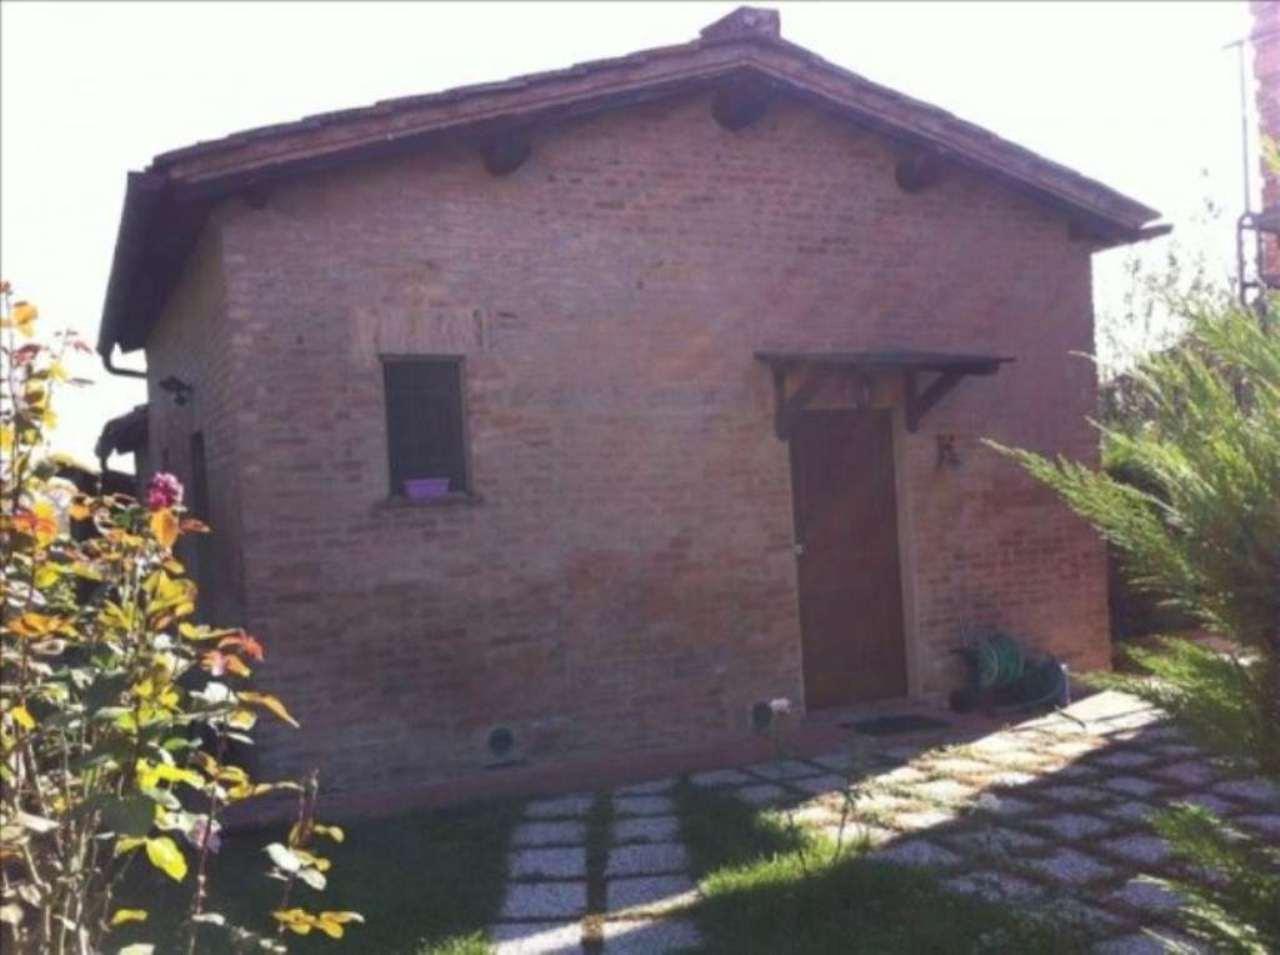 Rustico-casale Altro in Vendita a Siena